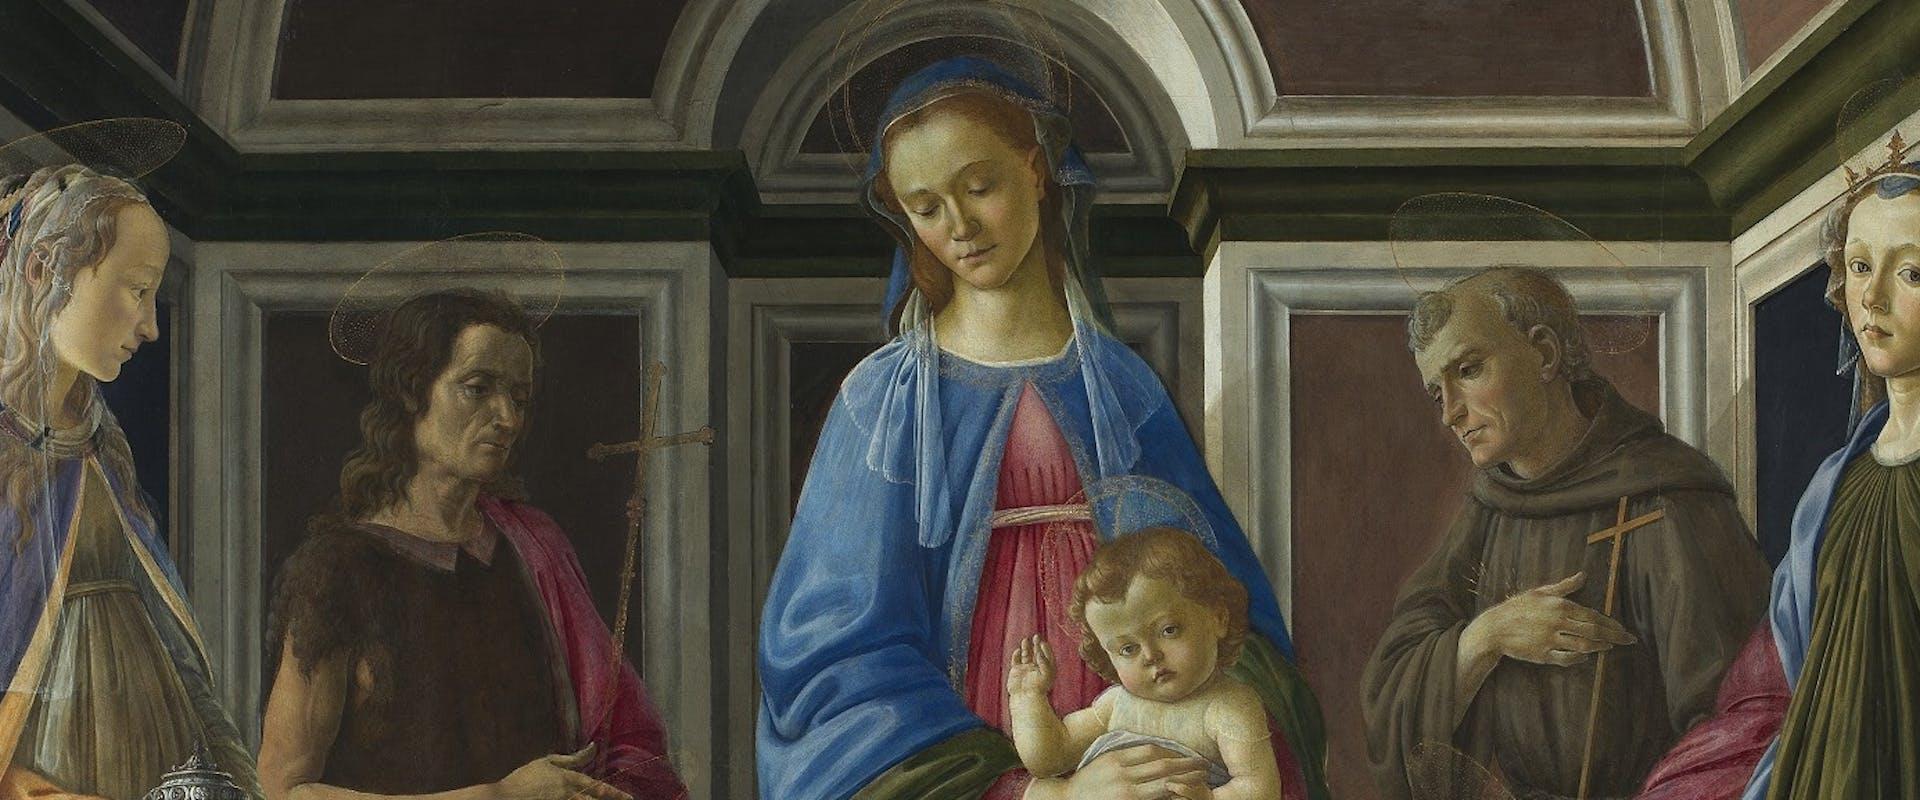 1560425649366282 botticelli pala di sant ambrogio dopo restauro copia 2 .jpg?ixlib=rails 2.1